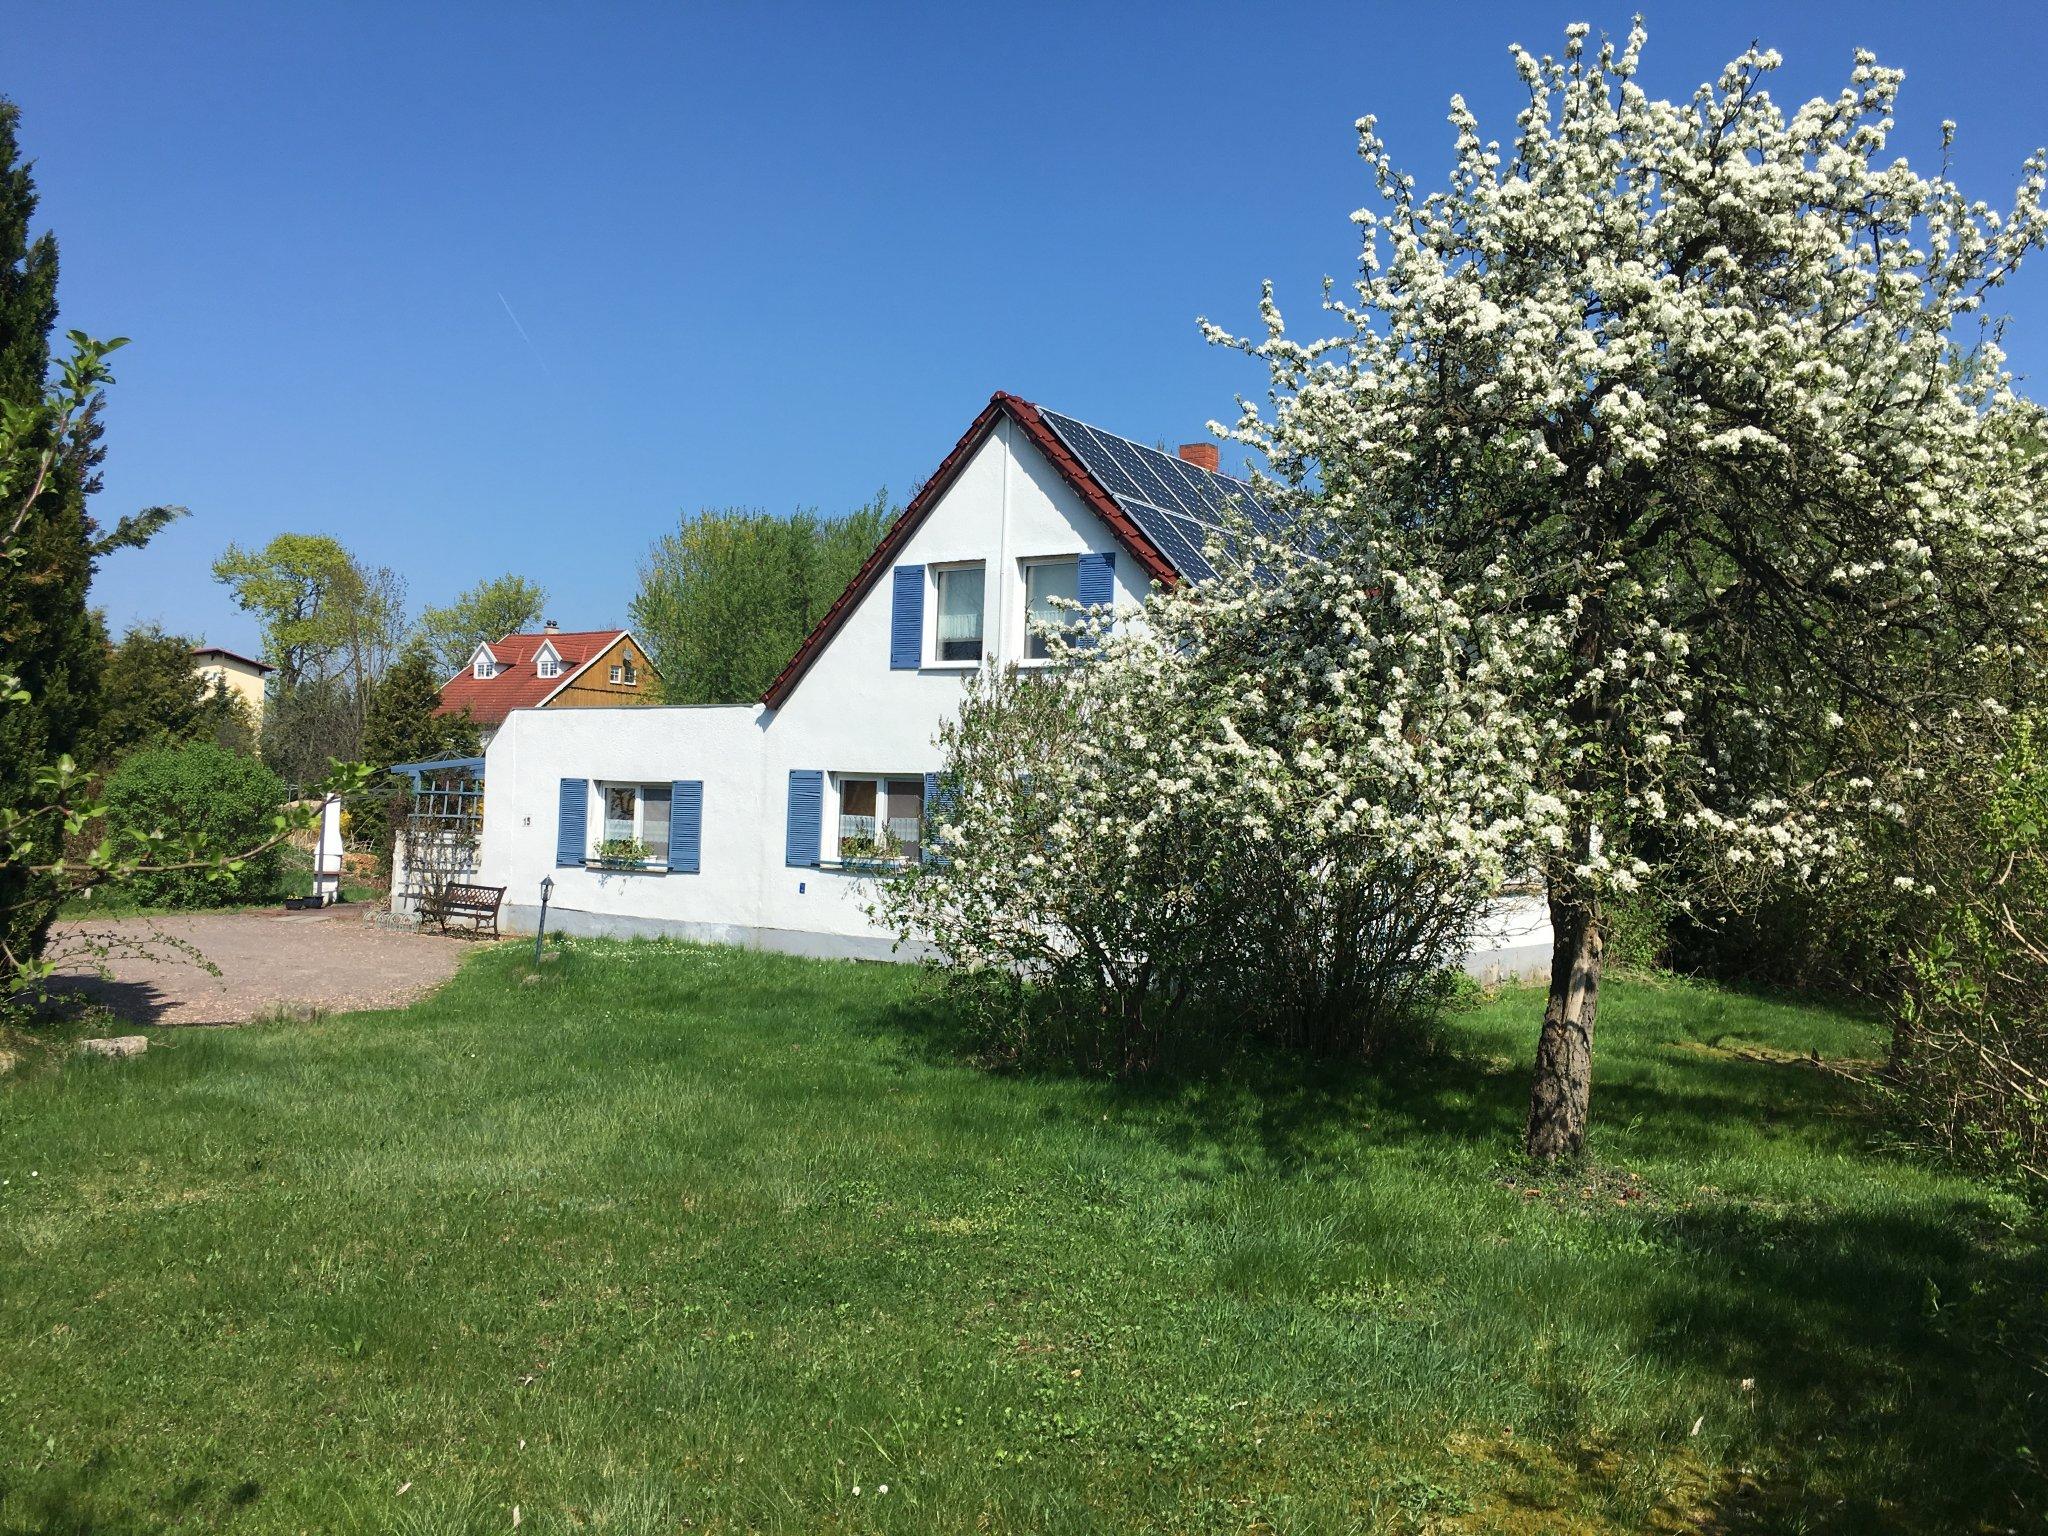 Ferienhaus - Haus 1